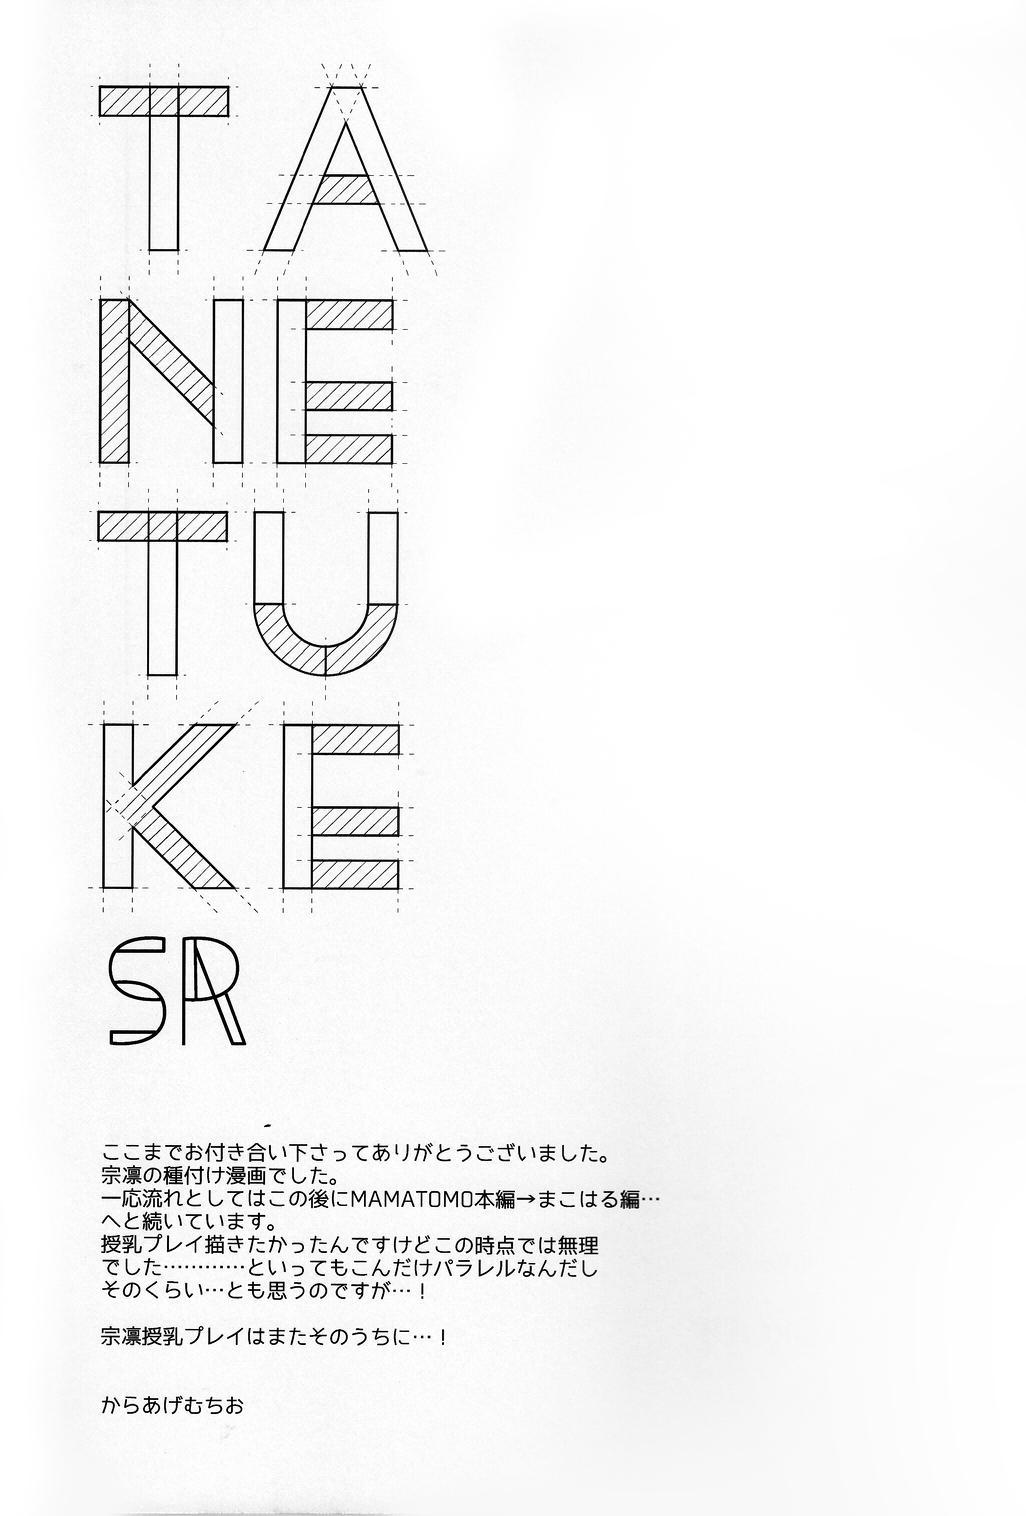 TANETUKE SR 18